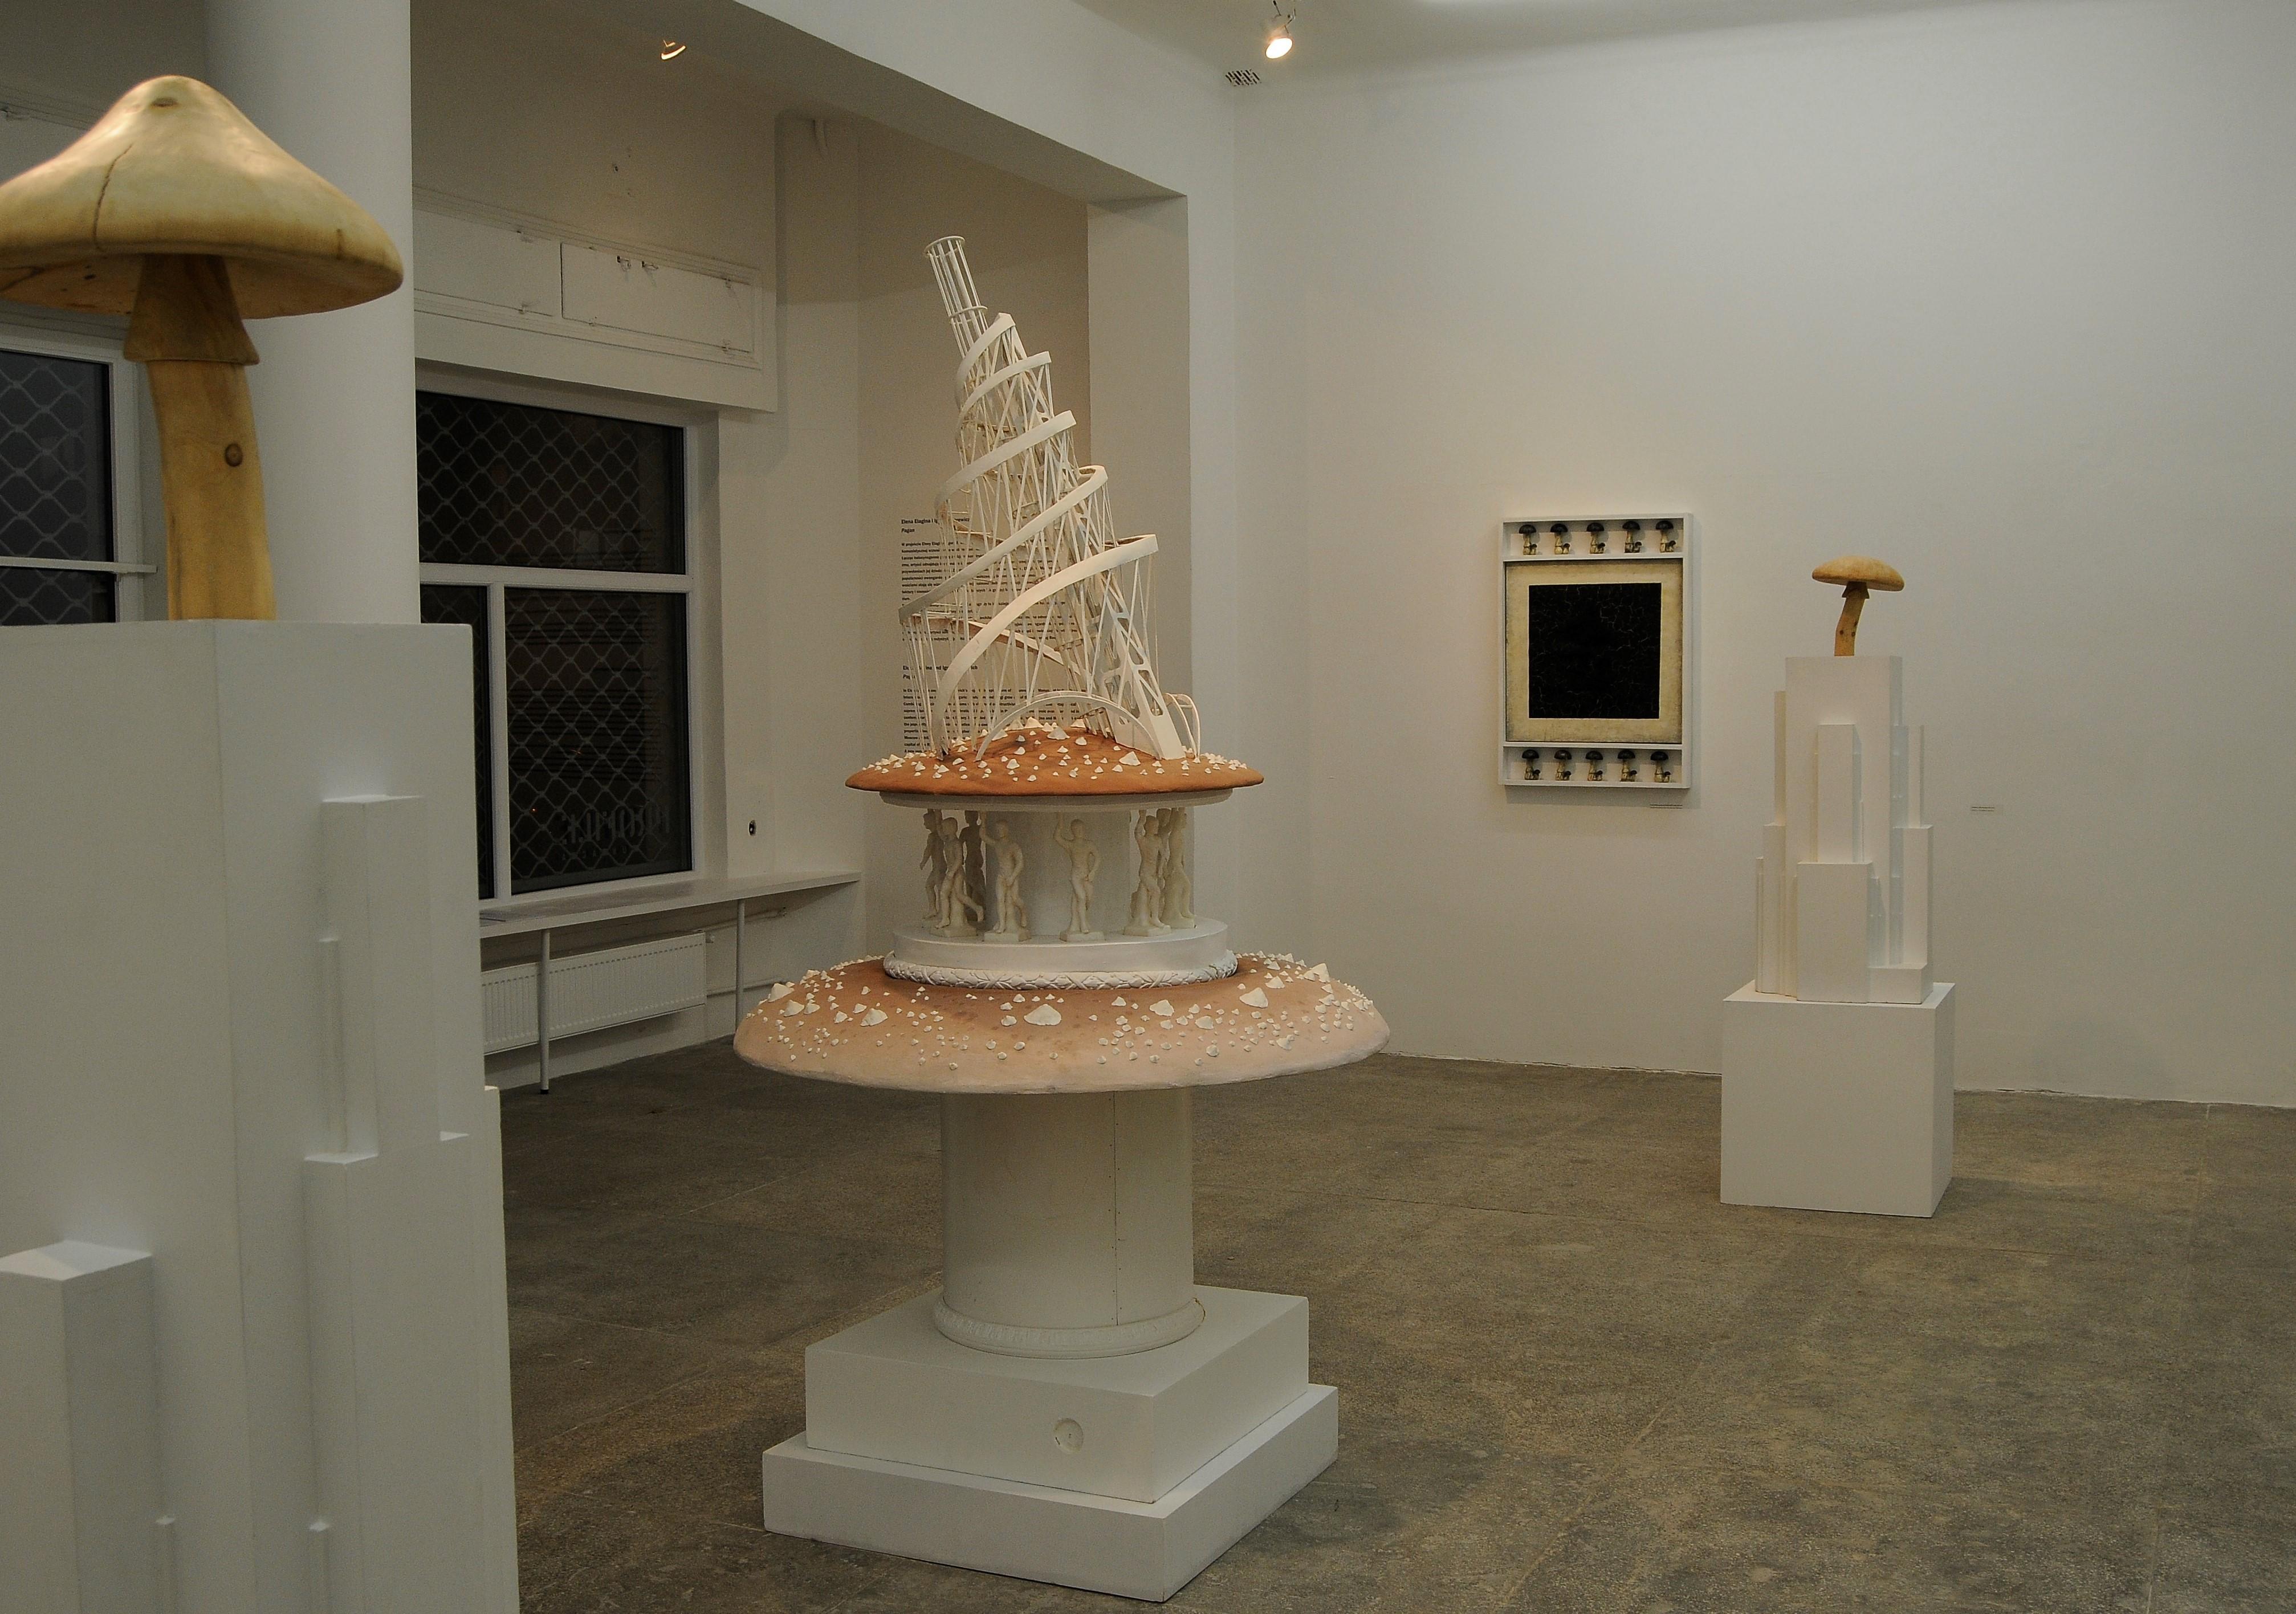 Widok wystawy Pagan. Elena Elagina & Igor Makarevich. (Odlewej) Architekton 2, 2008, Muchomor zwieżą Tatlina, 2012, Architekton 1, 2008, Czarny kwadrat zgrzybami, 2008 (naścianie)